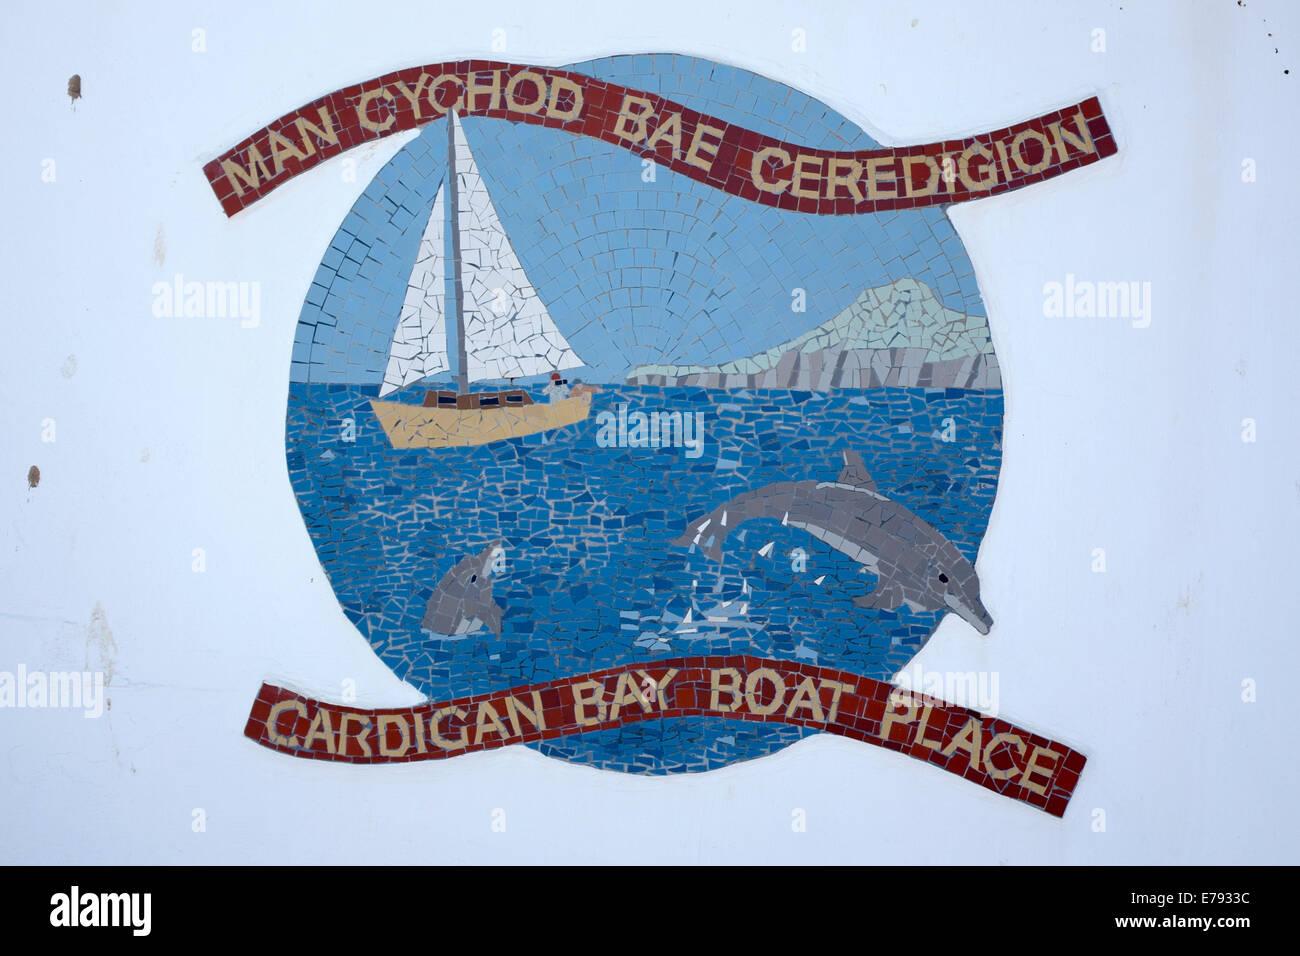 Cardigan Bay Wales UK Boat Place Mosaic Seaside - Stock Image